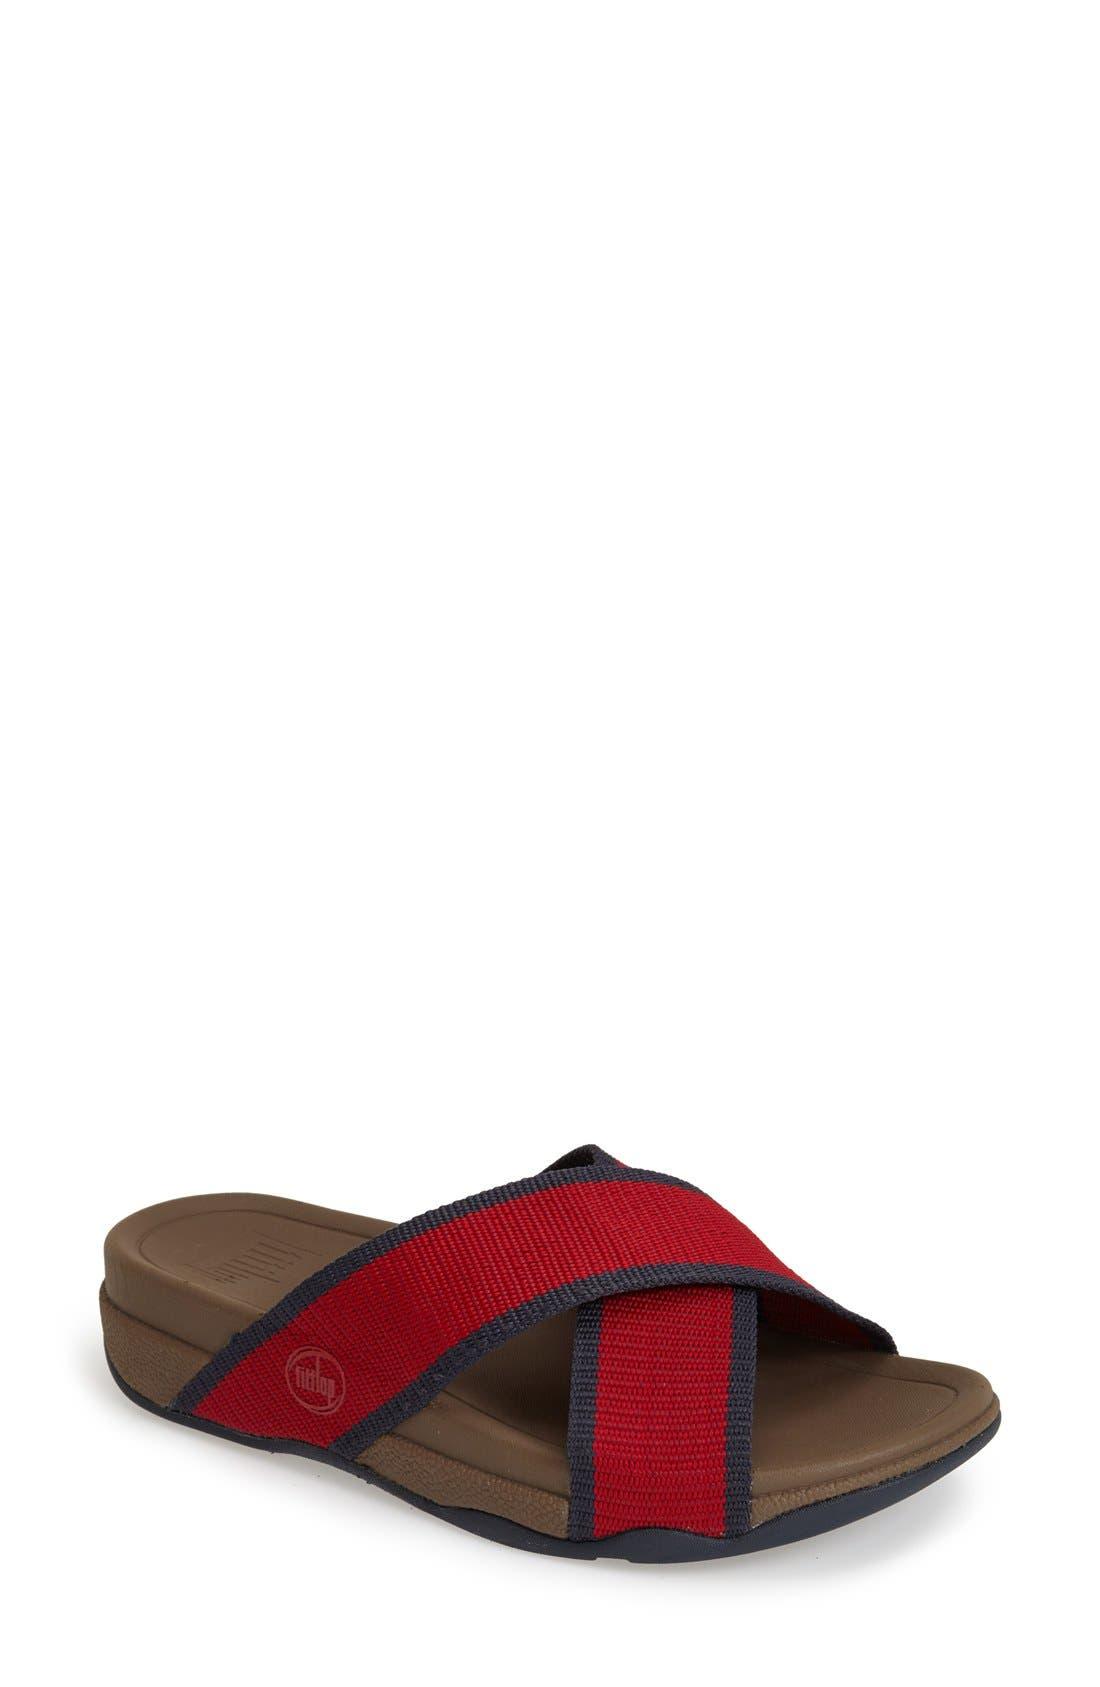 Alternate Image 1 Selected - FitFlop™ 'Surfer' Slide Sandal (Men)